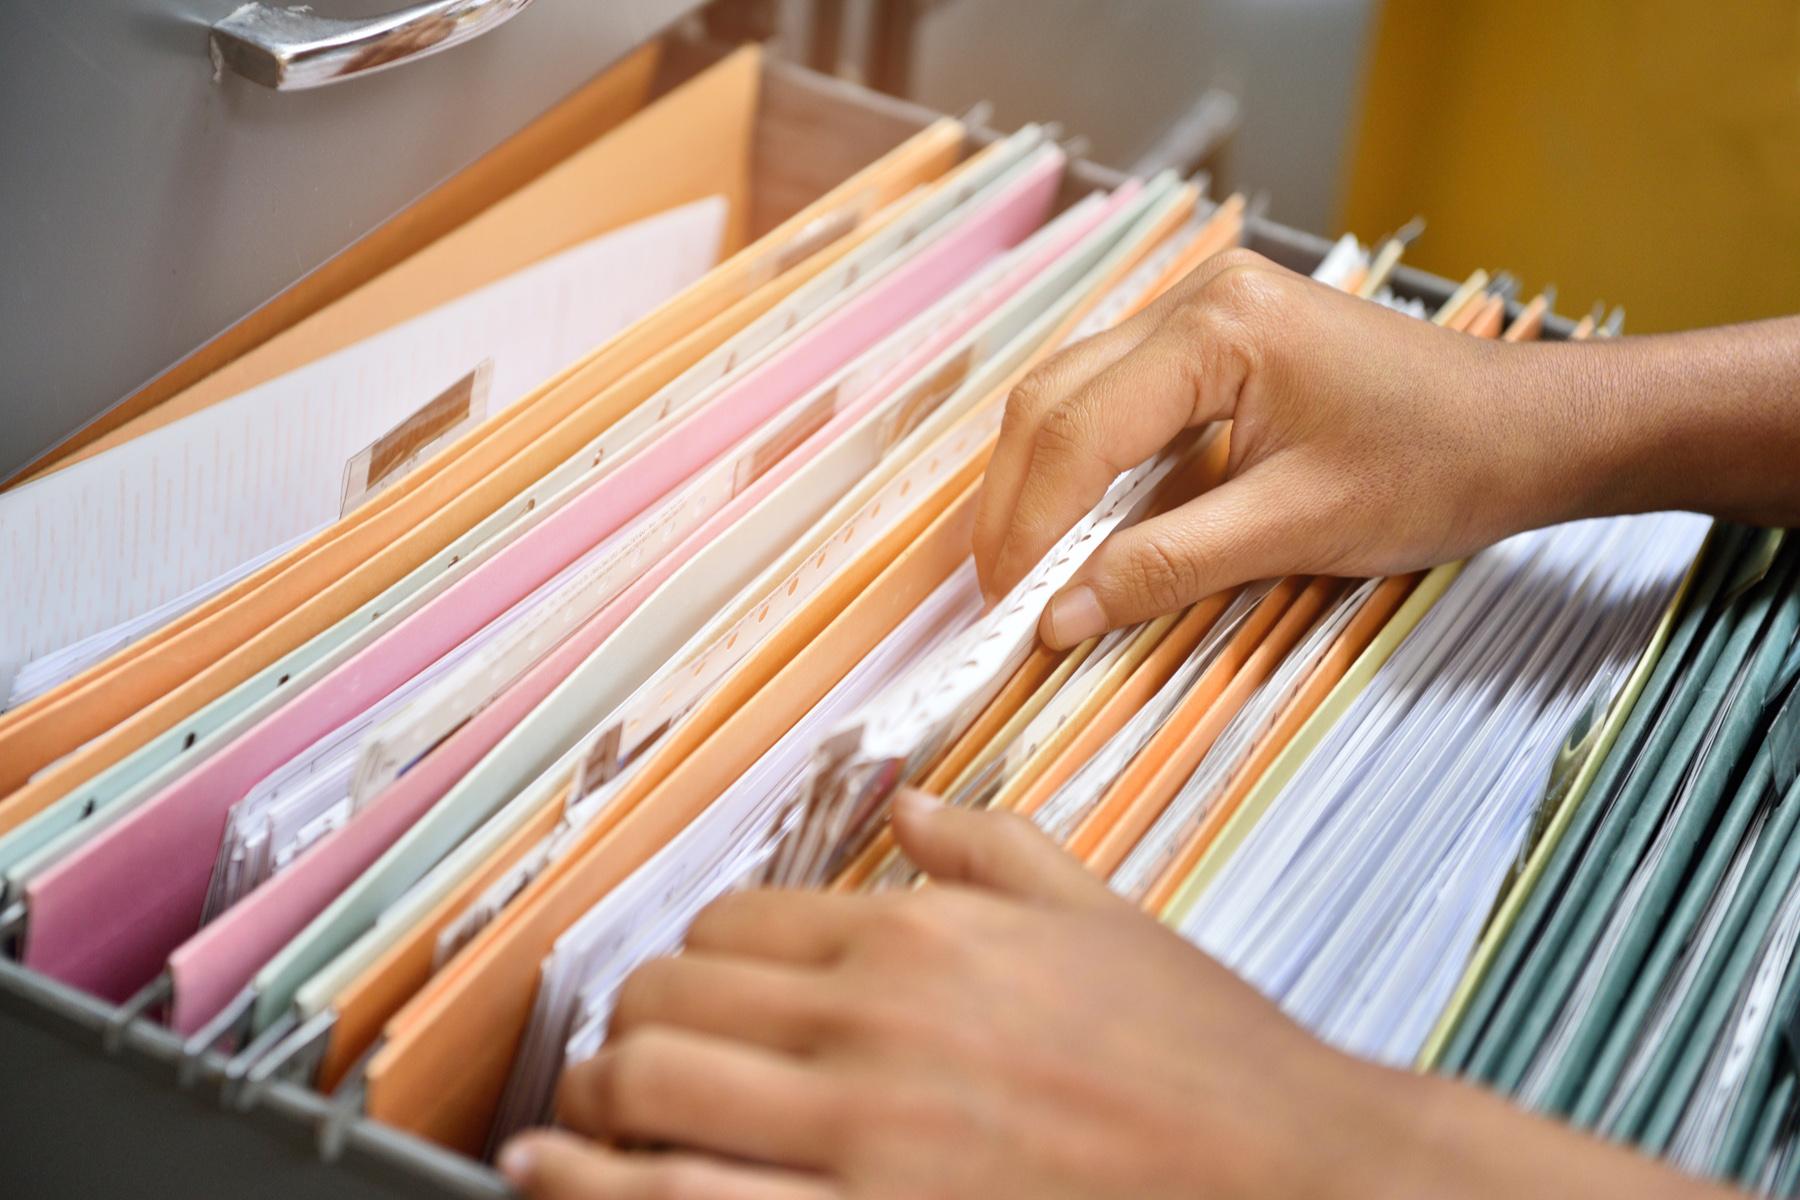 Filing paperwork